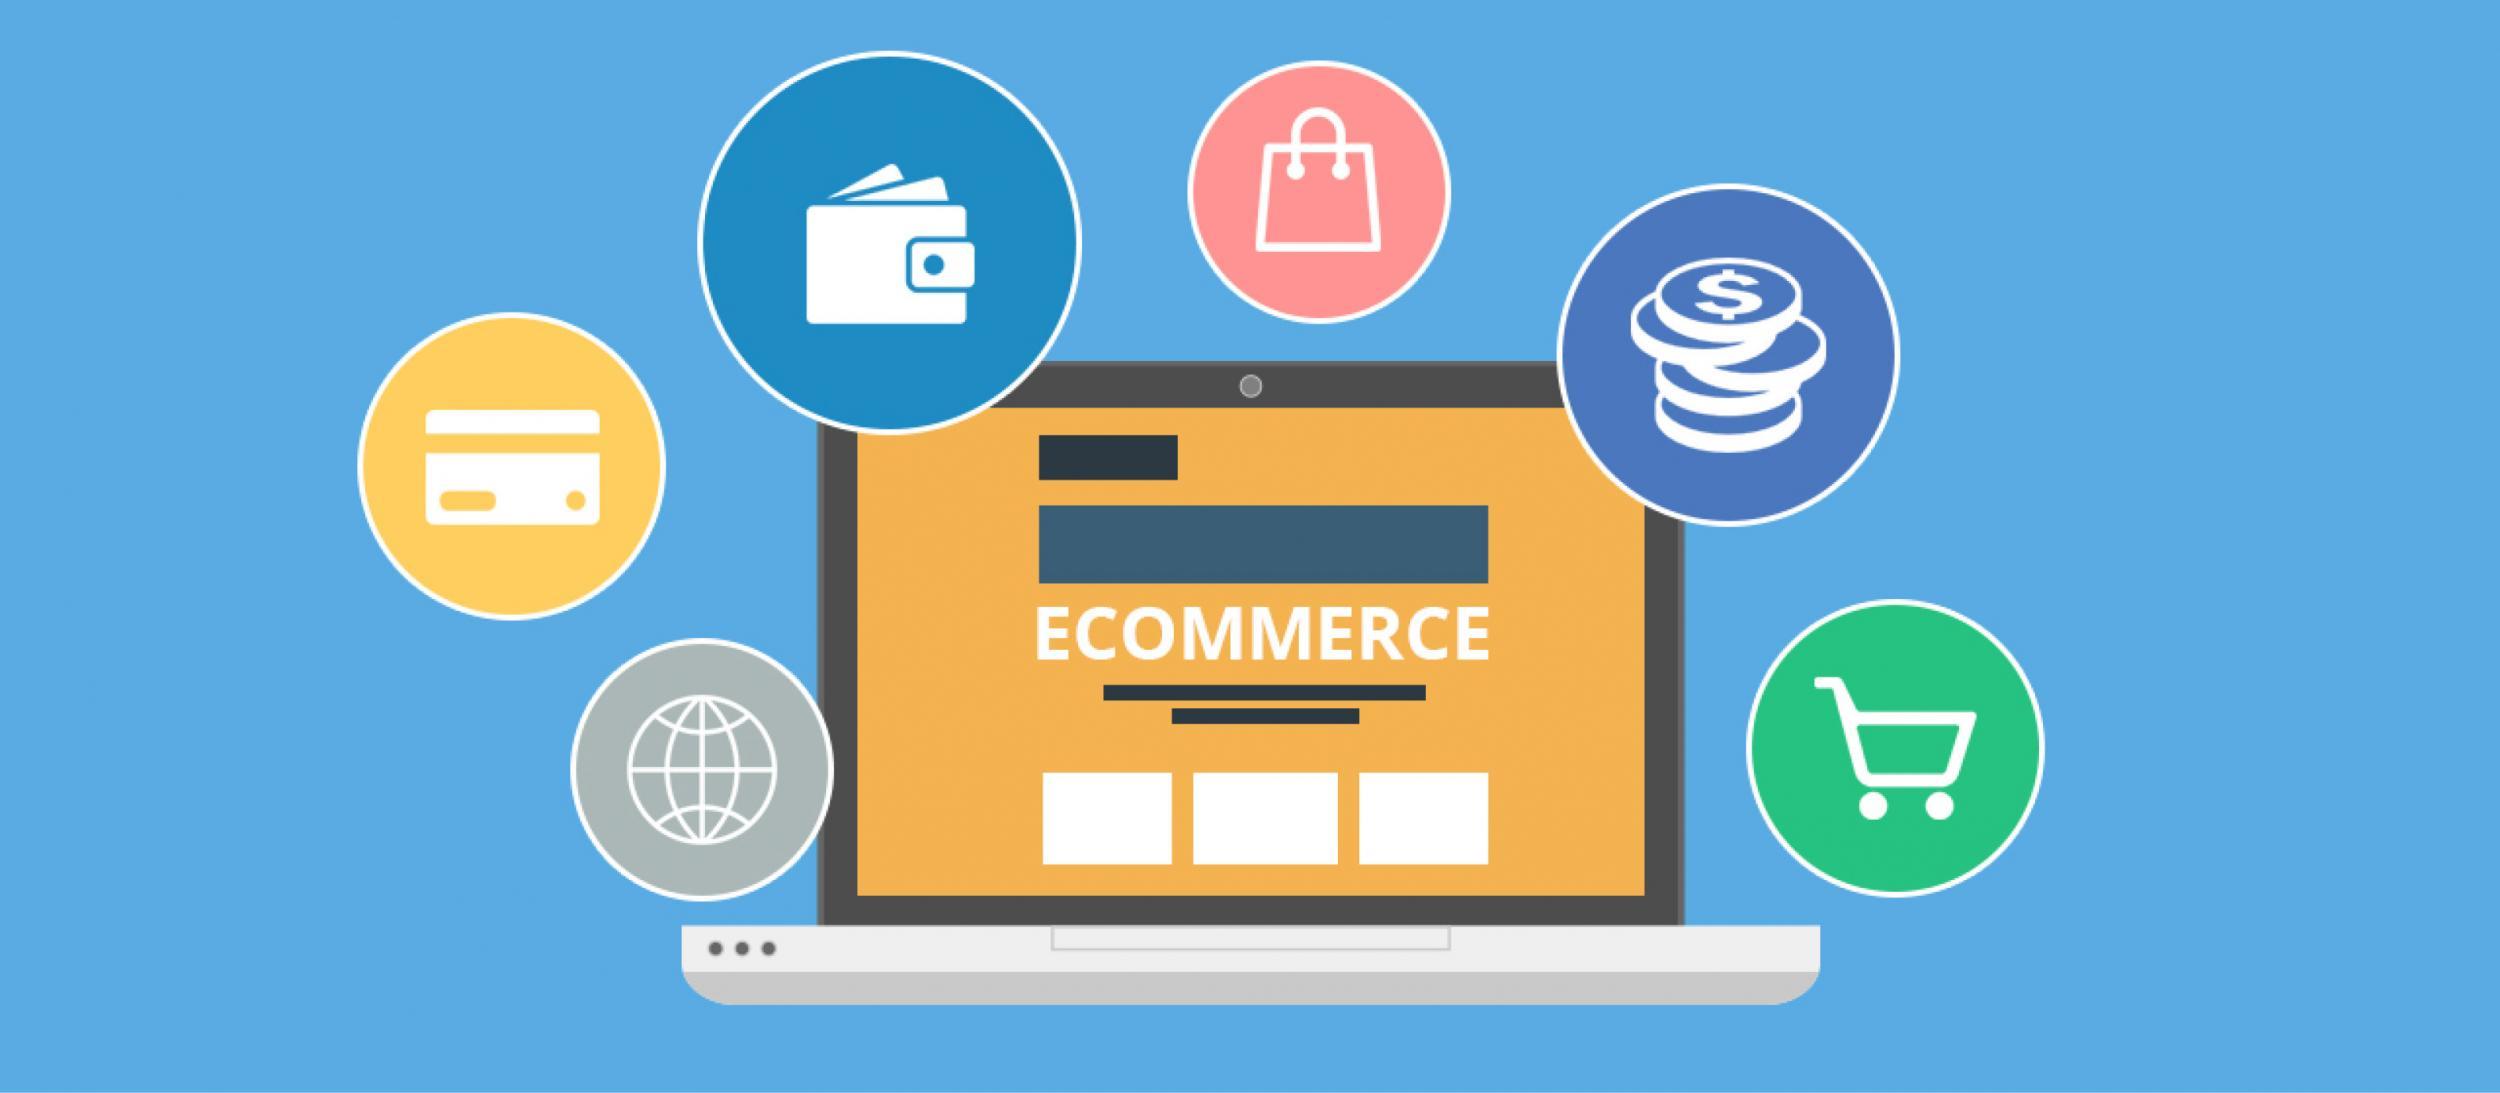 O E-commerce transformou e impulsionou mudanças no mercado em meio a quarentena